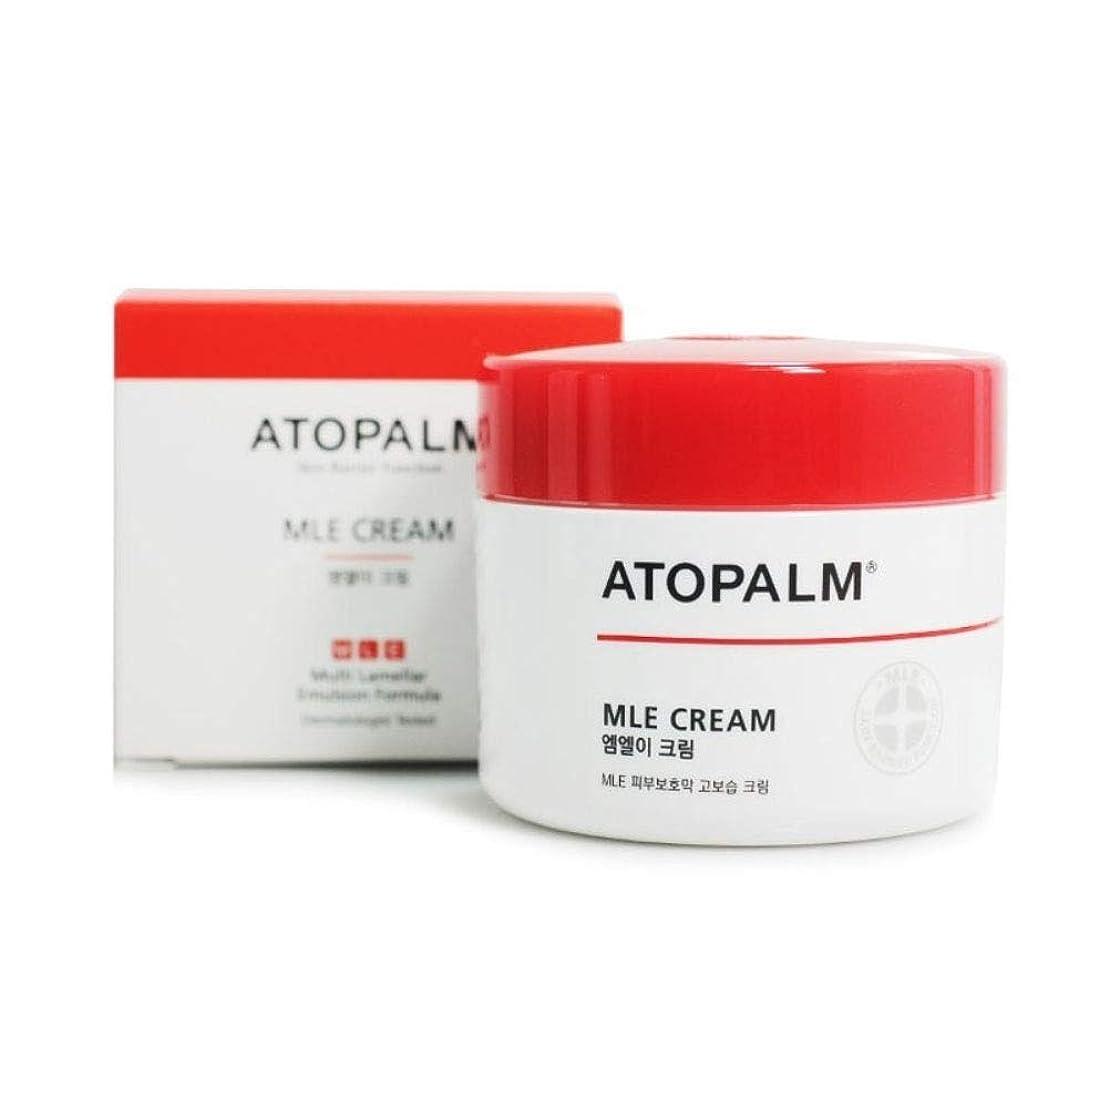 退屈鉱夫免疫するアトパムMLEクリーム160mlベビークリーム韓国コスメ、Atopalm MLE Cream 160ml Baby Cream Korean Cosmetics [並行輸入品]